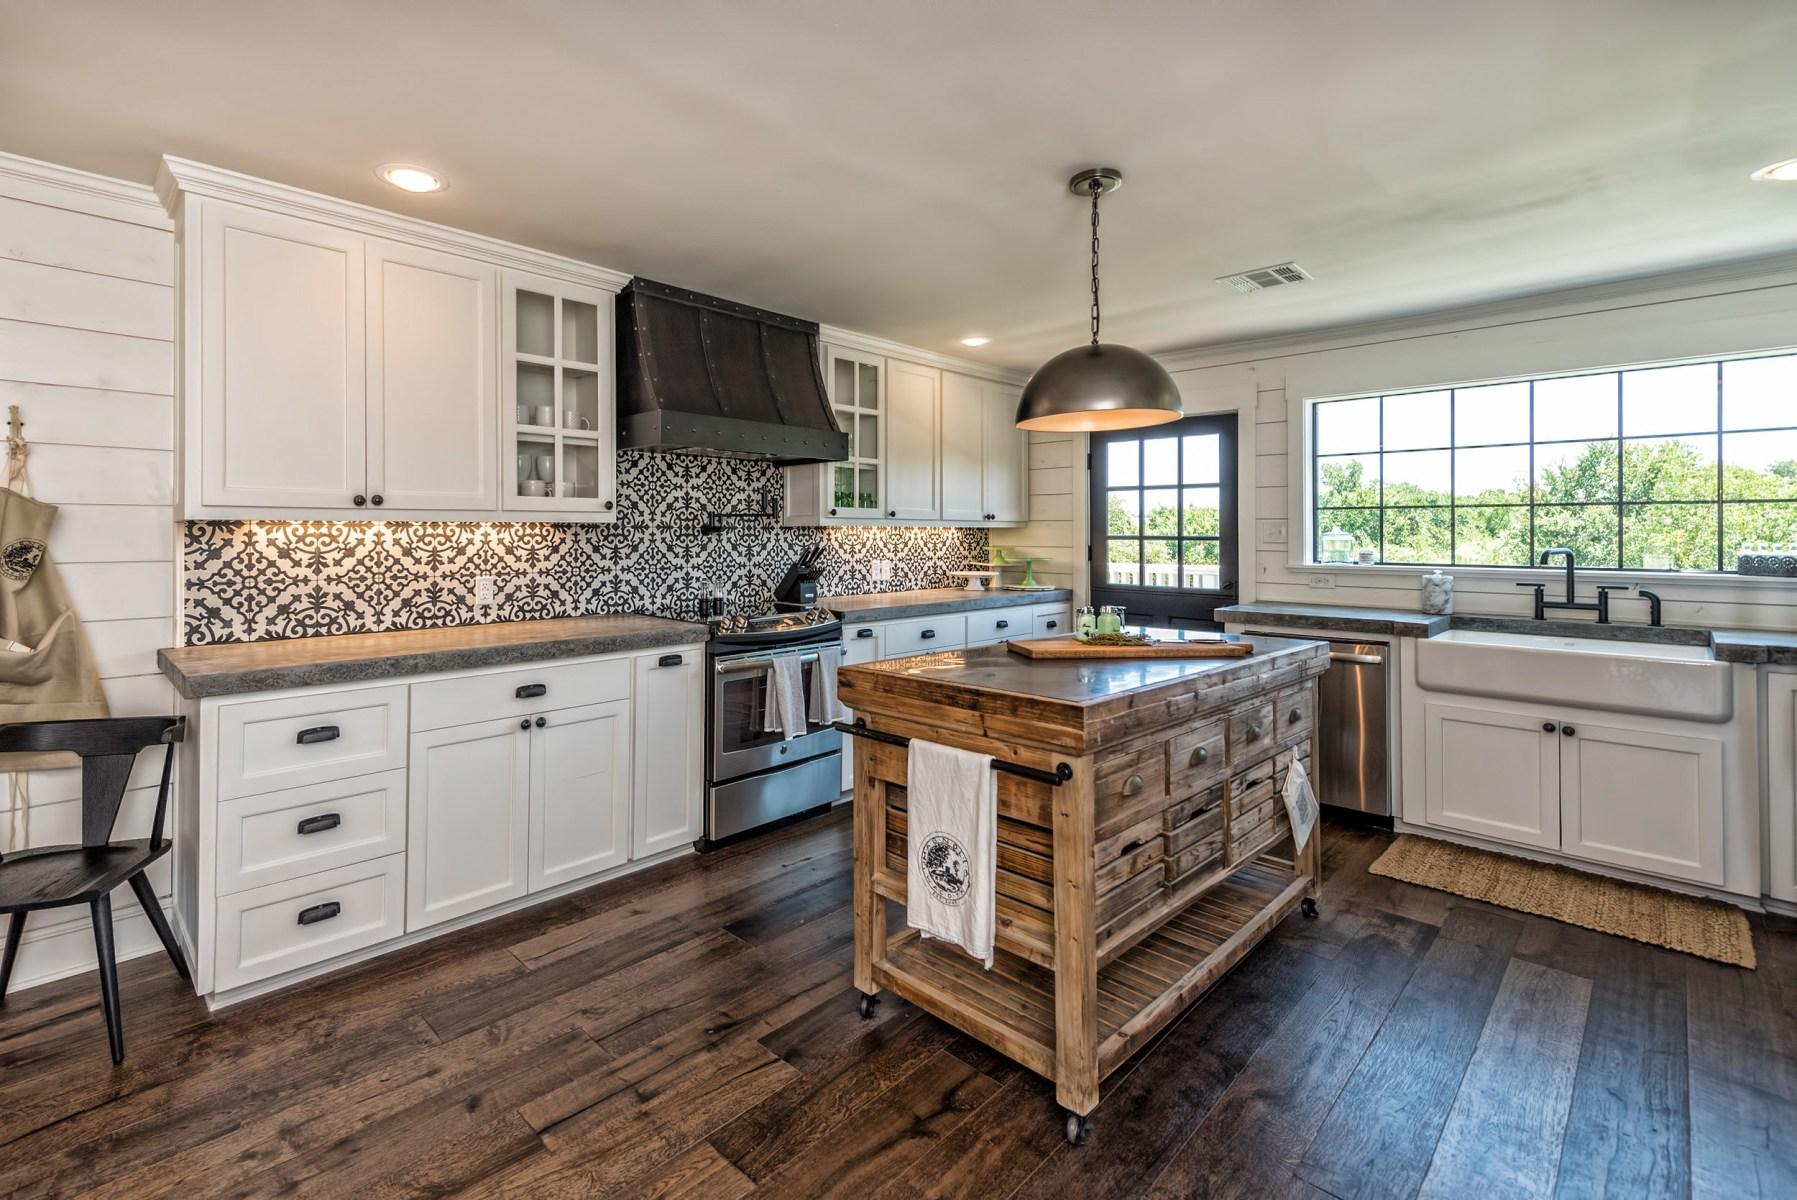 Fixer upper barndominium kitchen backsplash - Tour The Barndominium From Fixer Upper